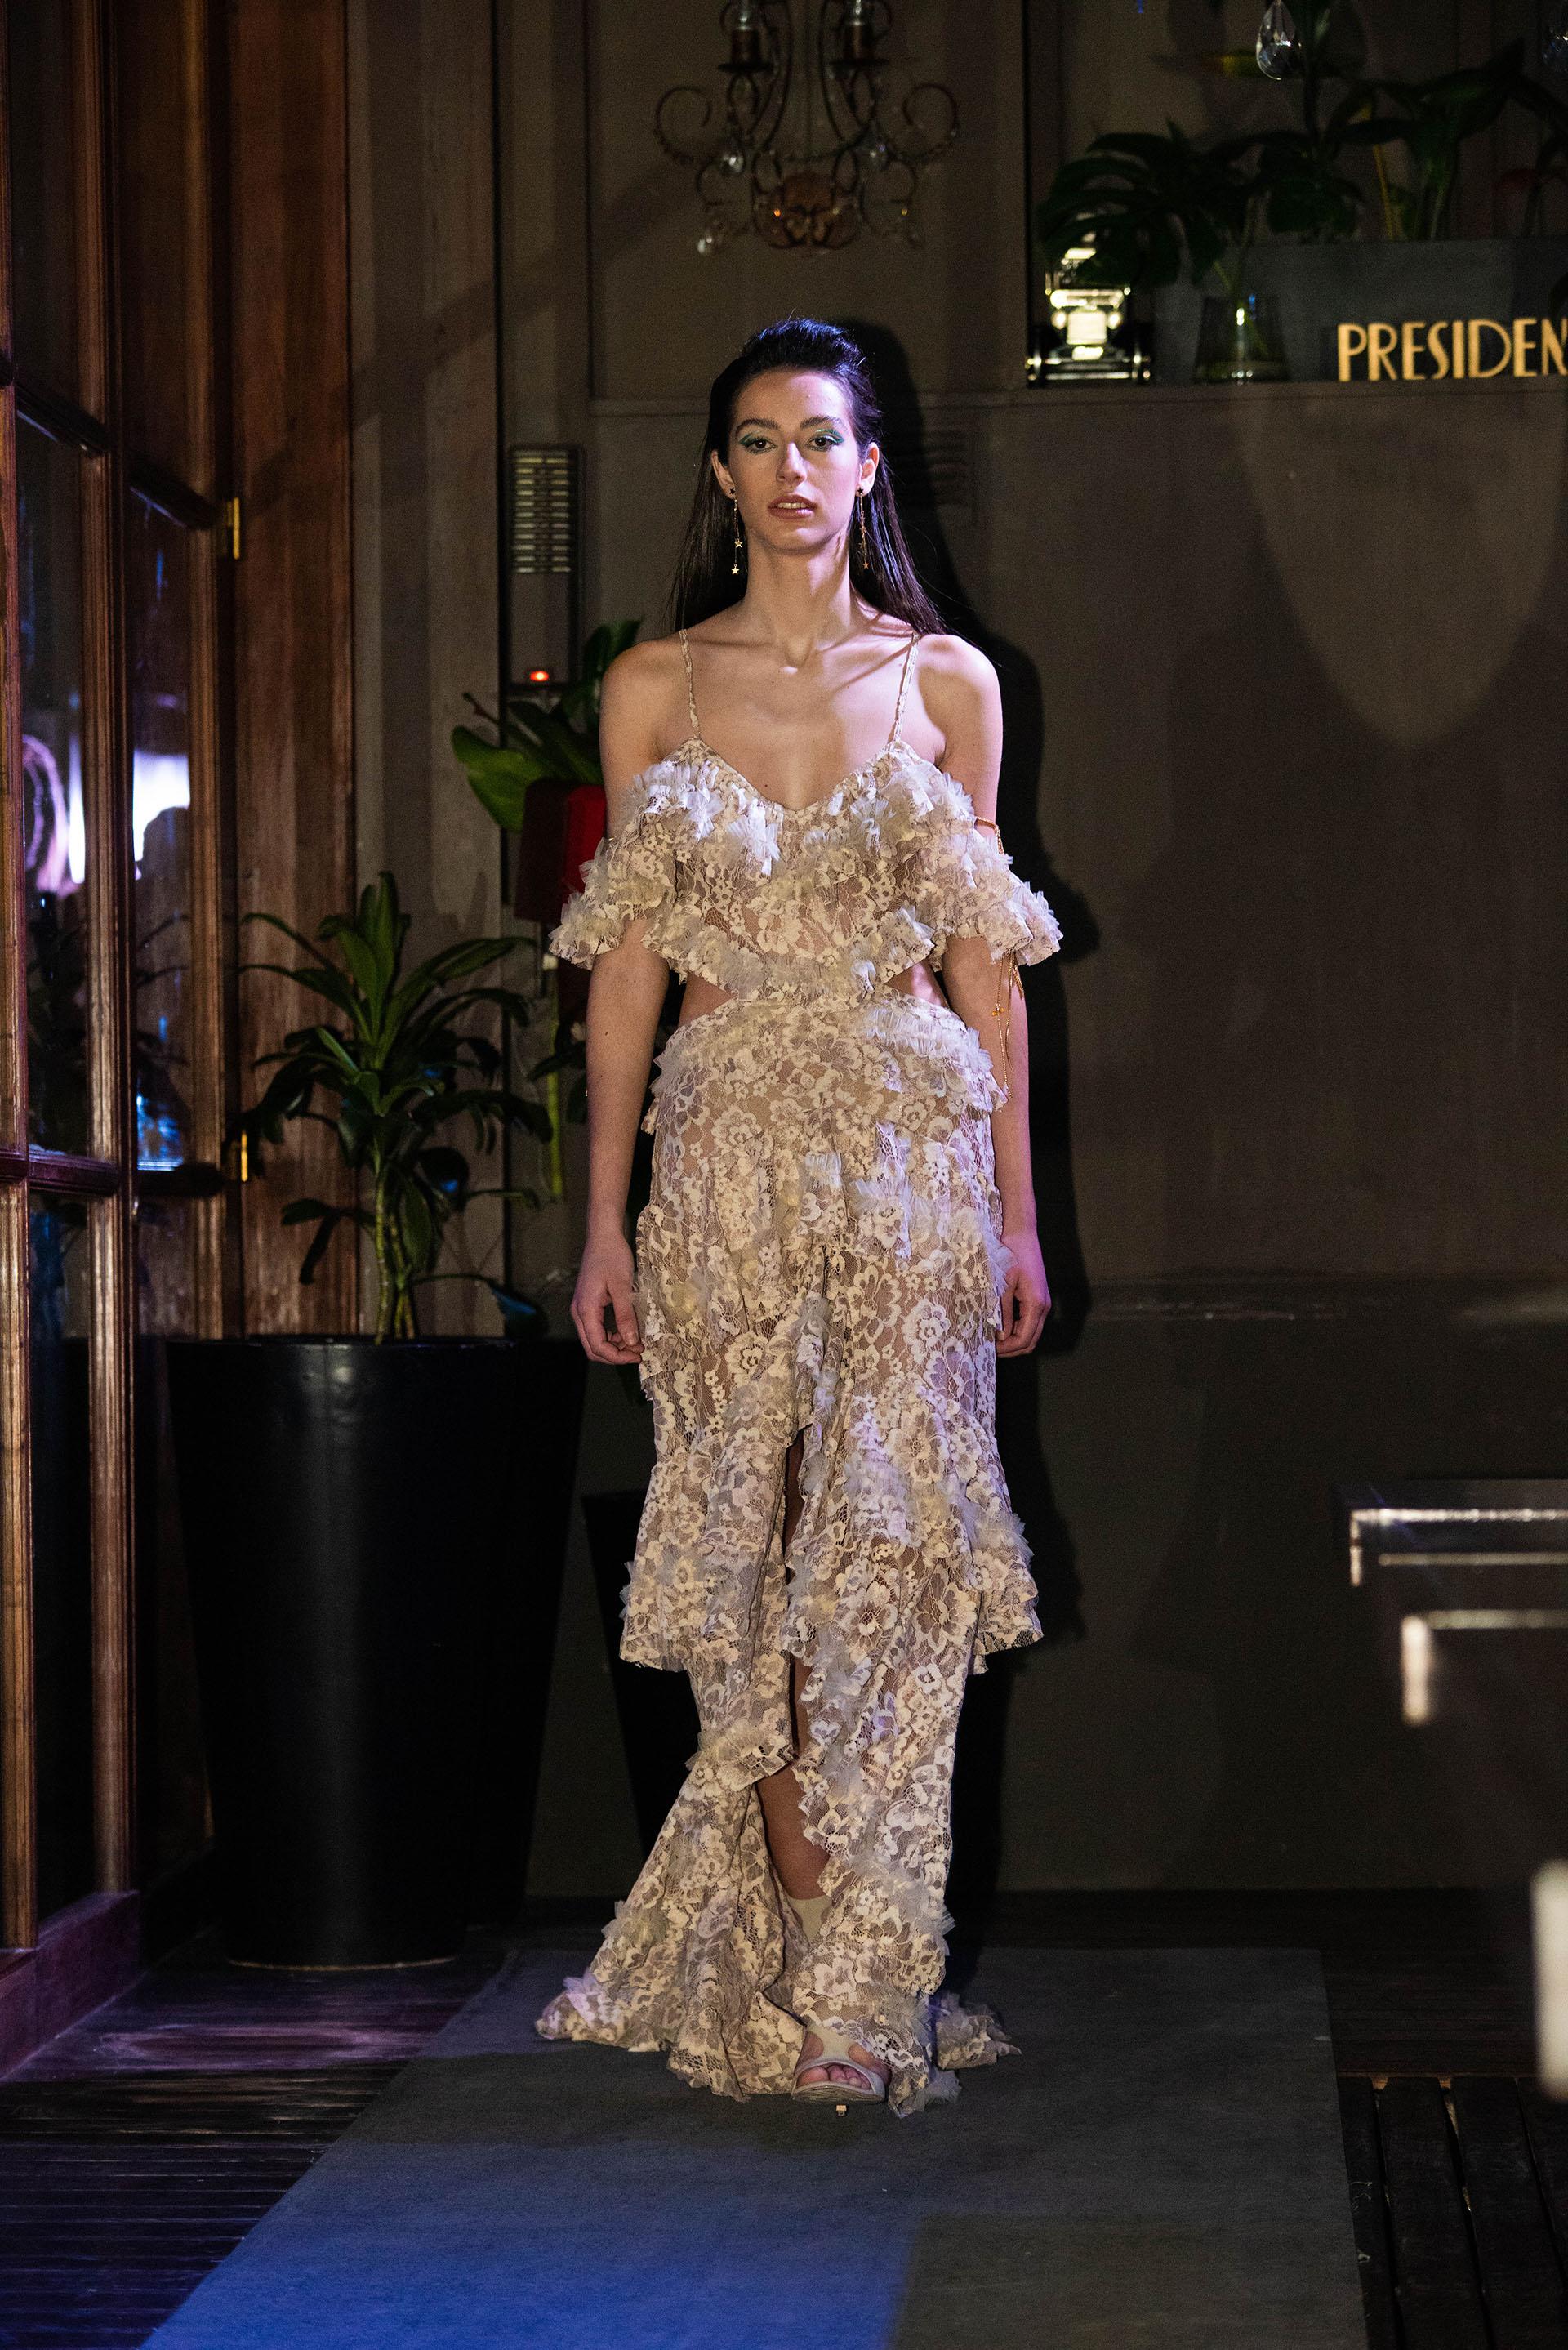 Vestido de alta costura en encaje que forma parte de la pre colección de lo que se verá durante el verano 2020